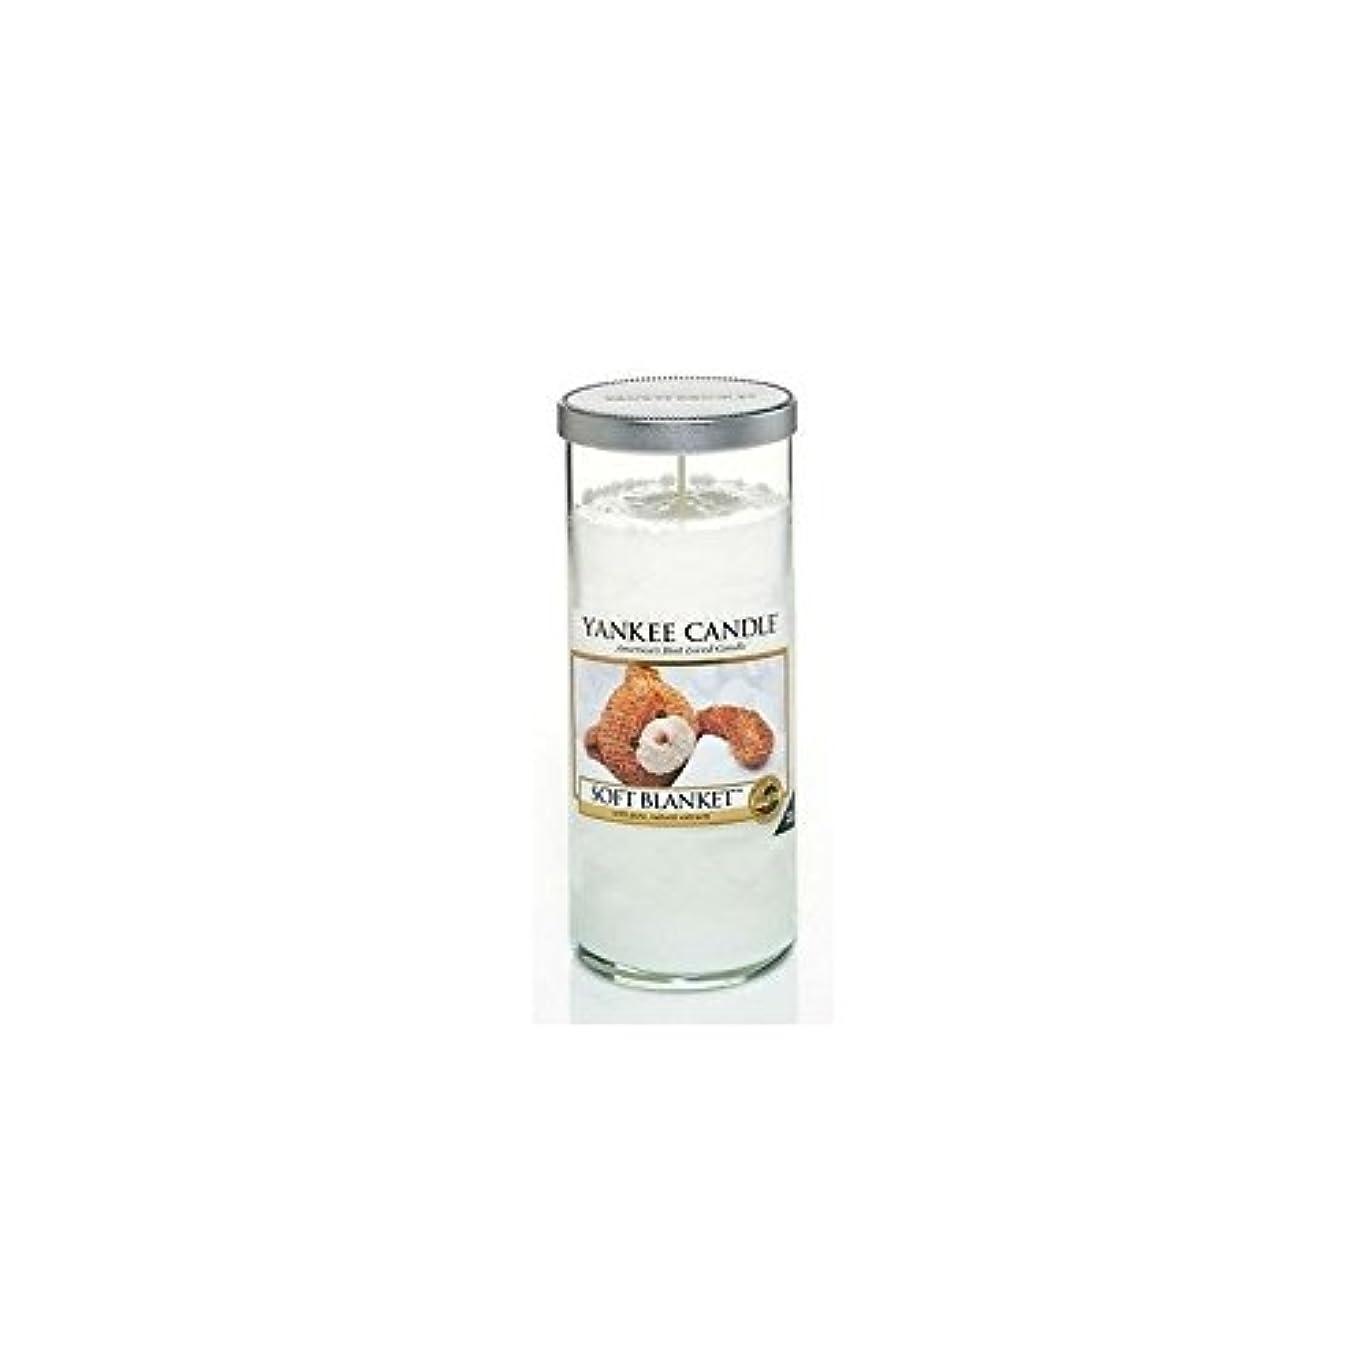 機械的に動くブラインドYankee Candles Large Pillar Candle - Soft Blanket (Pack of 2) - ヤンキーキャンドル大きな柱キャンドル - ソフト毛布 (x2) [並行輸入品]